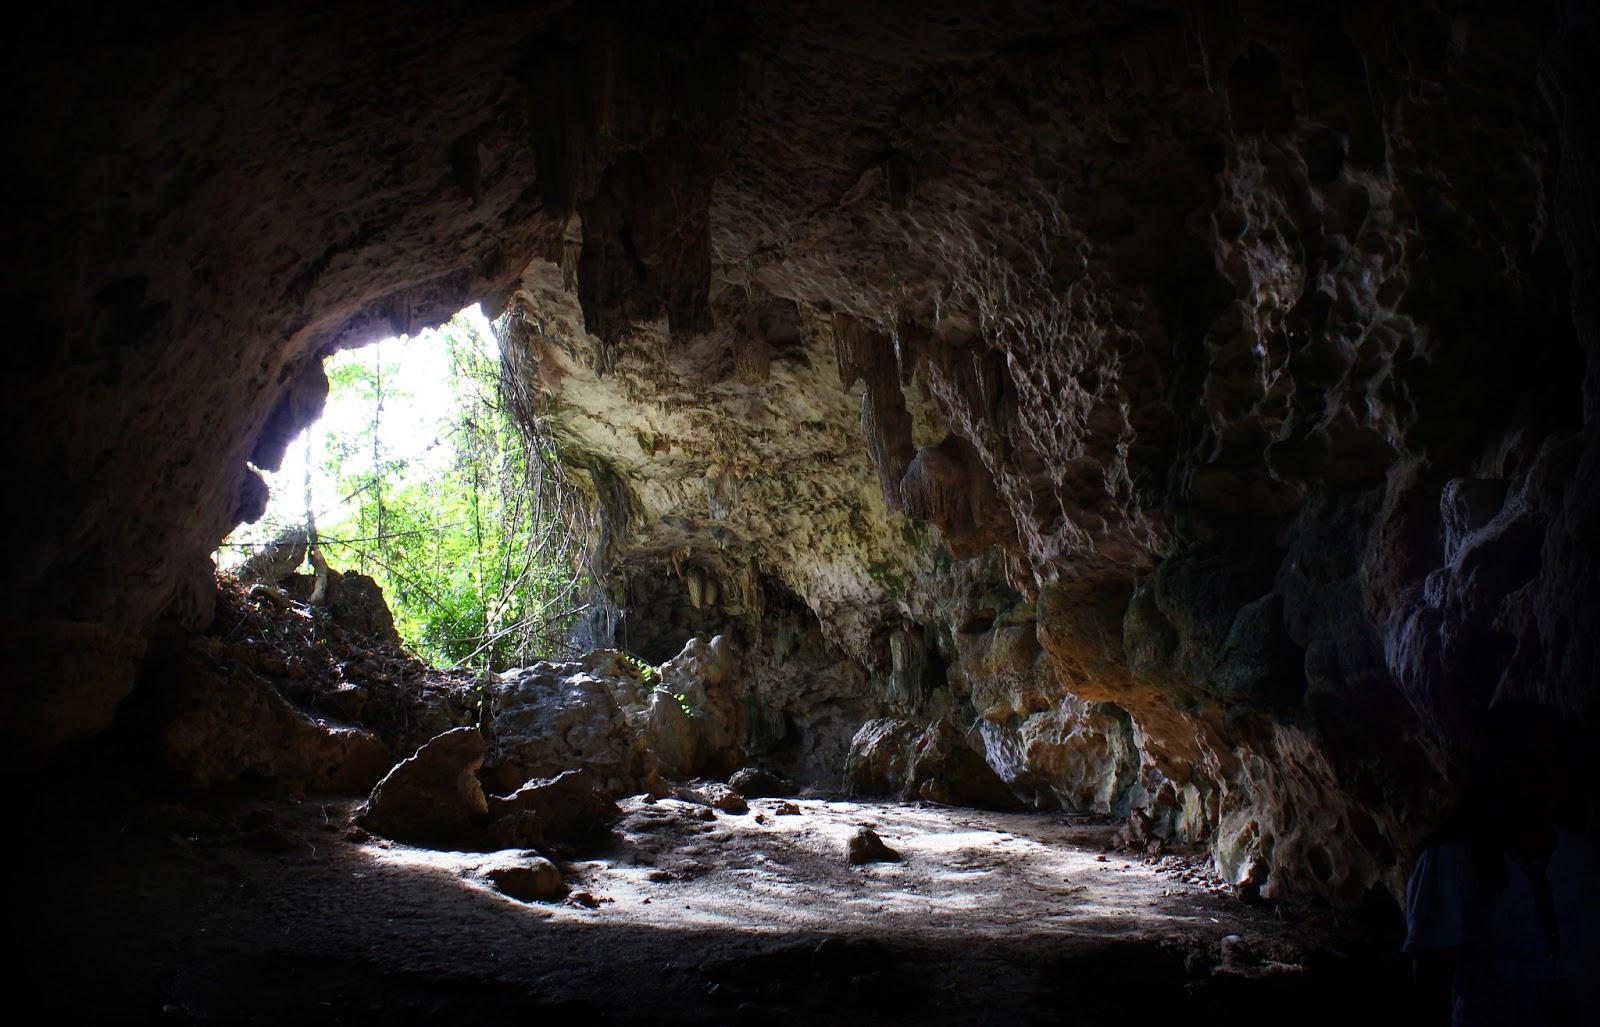 Biak na Bato National Park